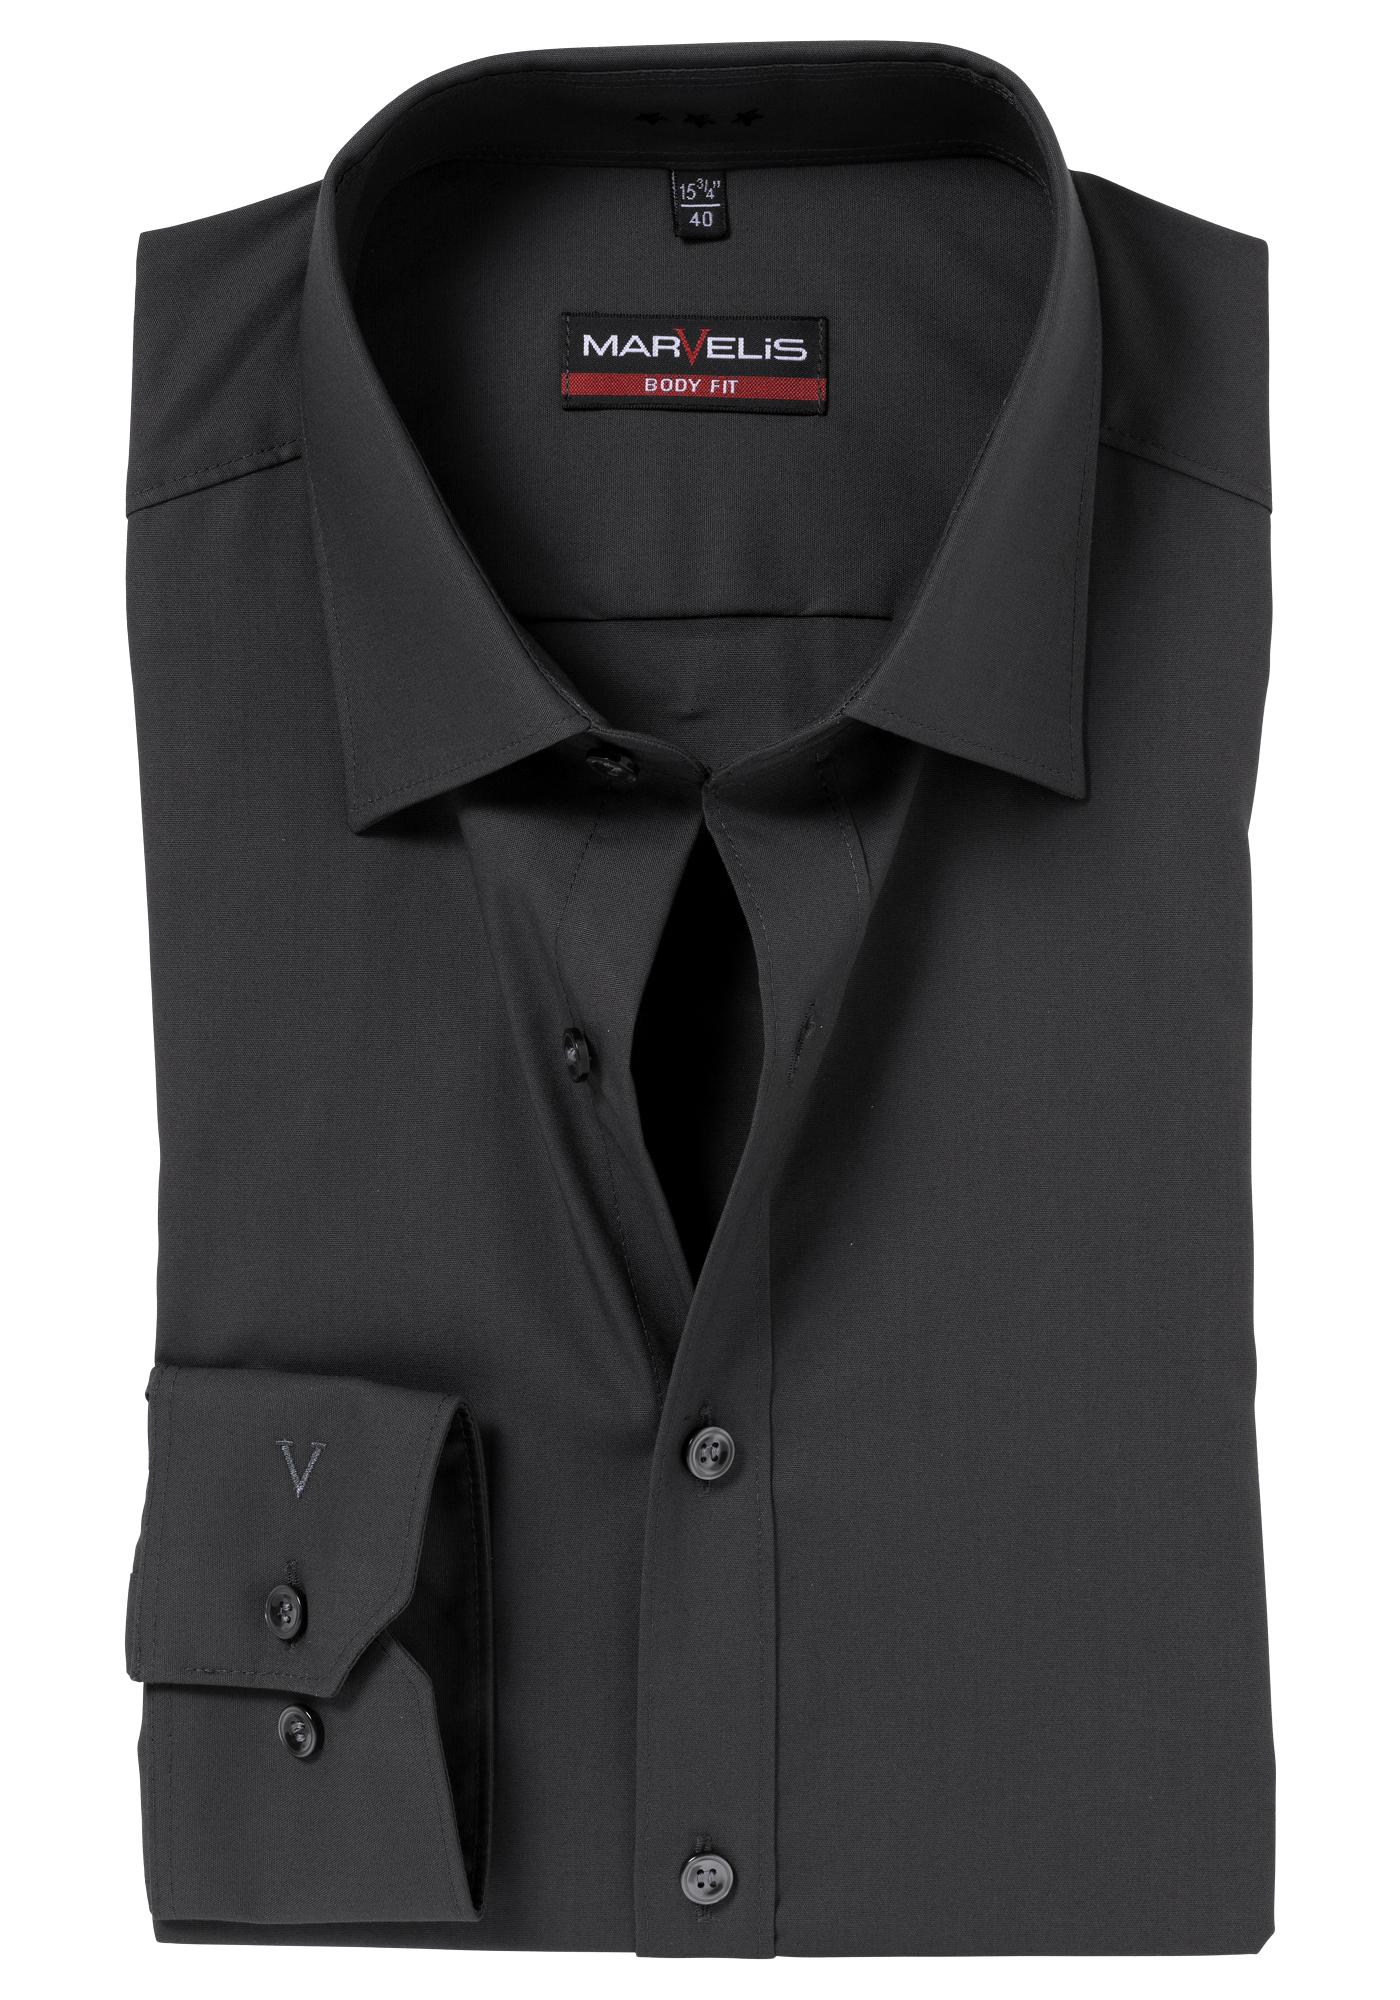 marvelis body fit overhemd donker antraciet gratis verzending. Black Bedroom Furniture Sets. Home Design Ideas